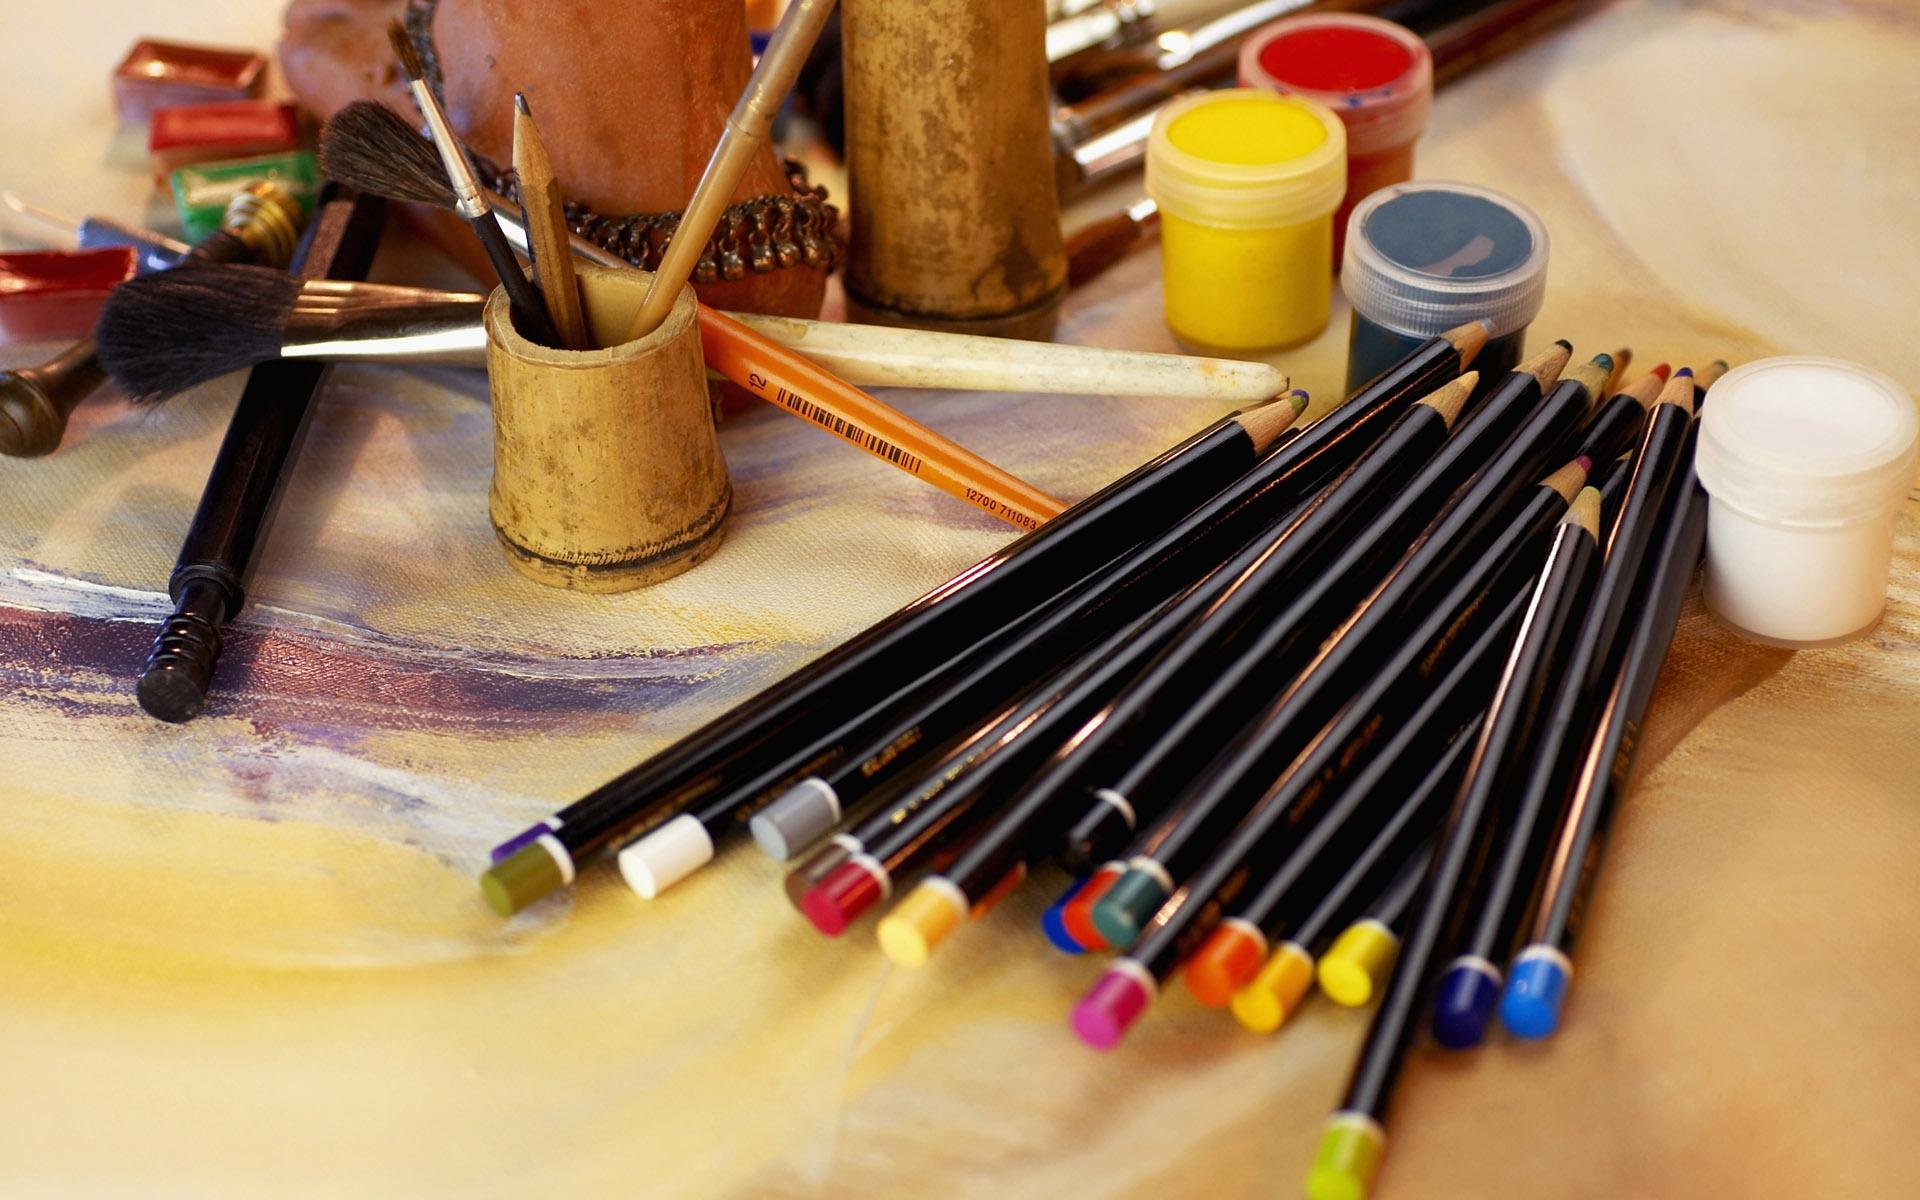 более картинки художники кисти краски началось того, что